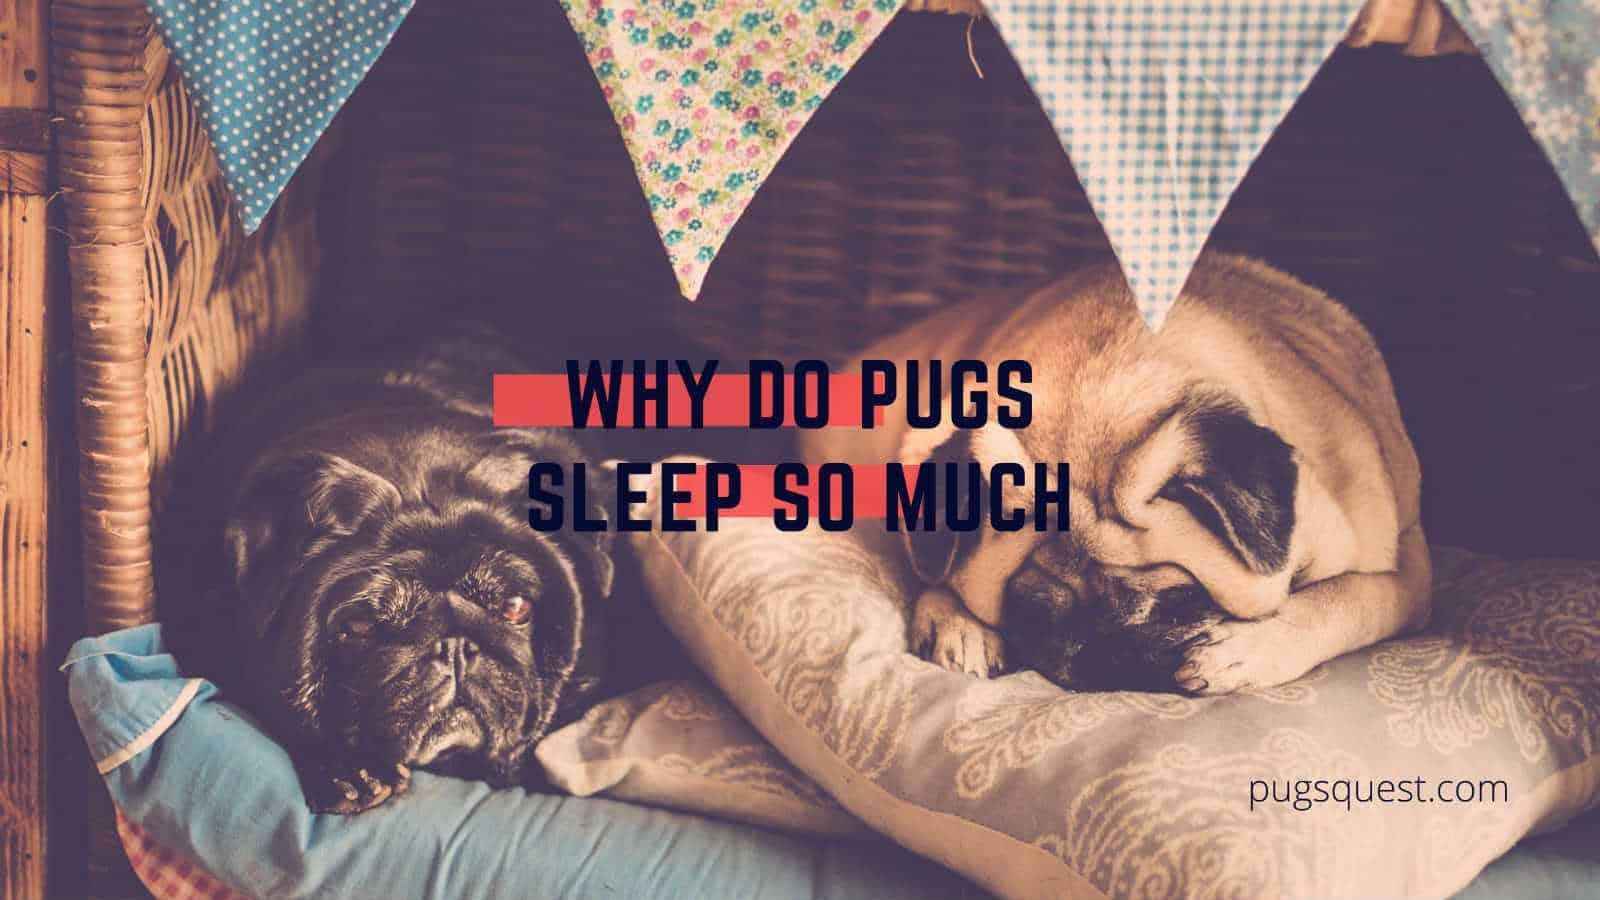 why do pugs sleep so much